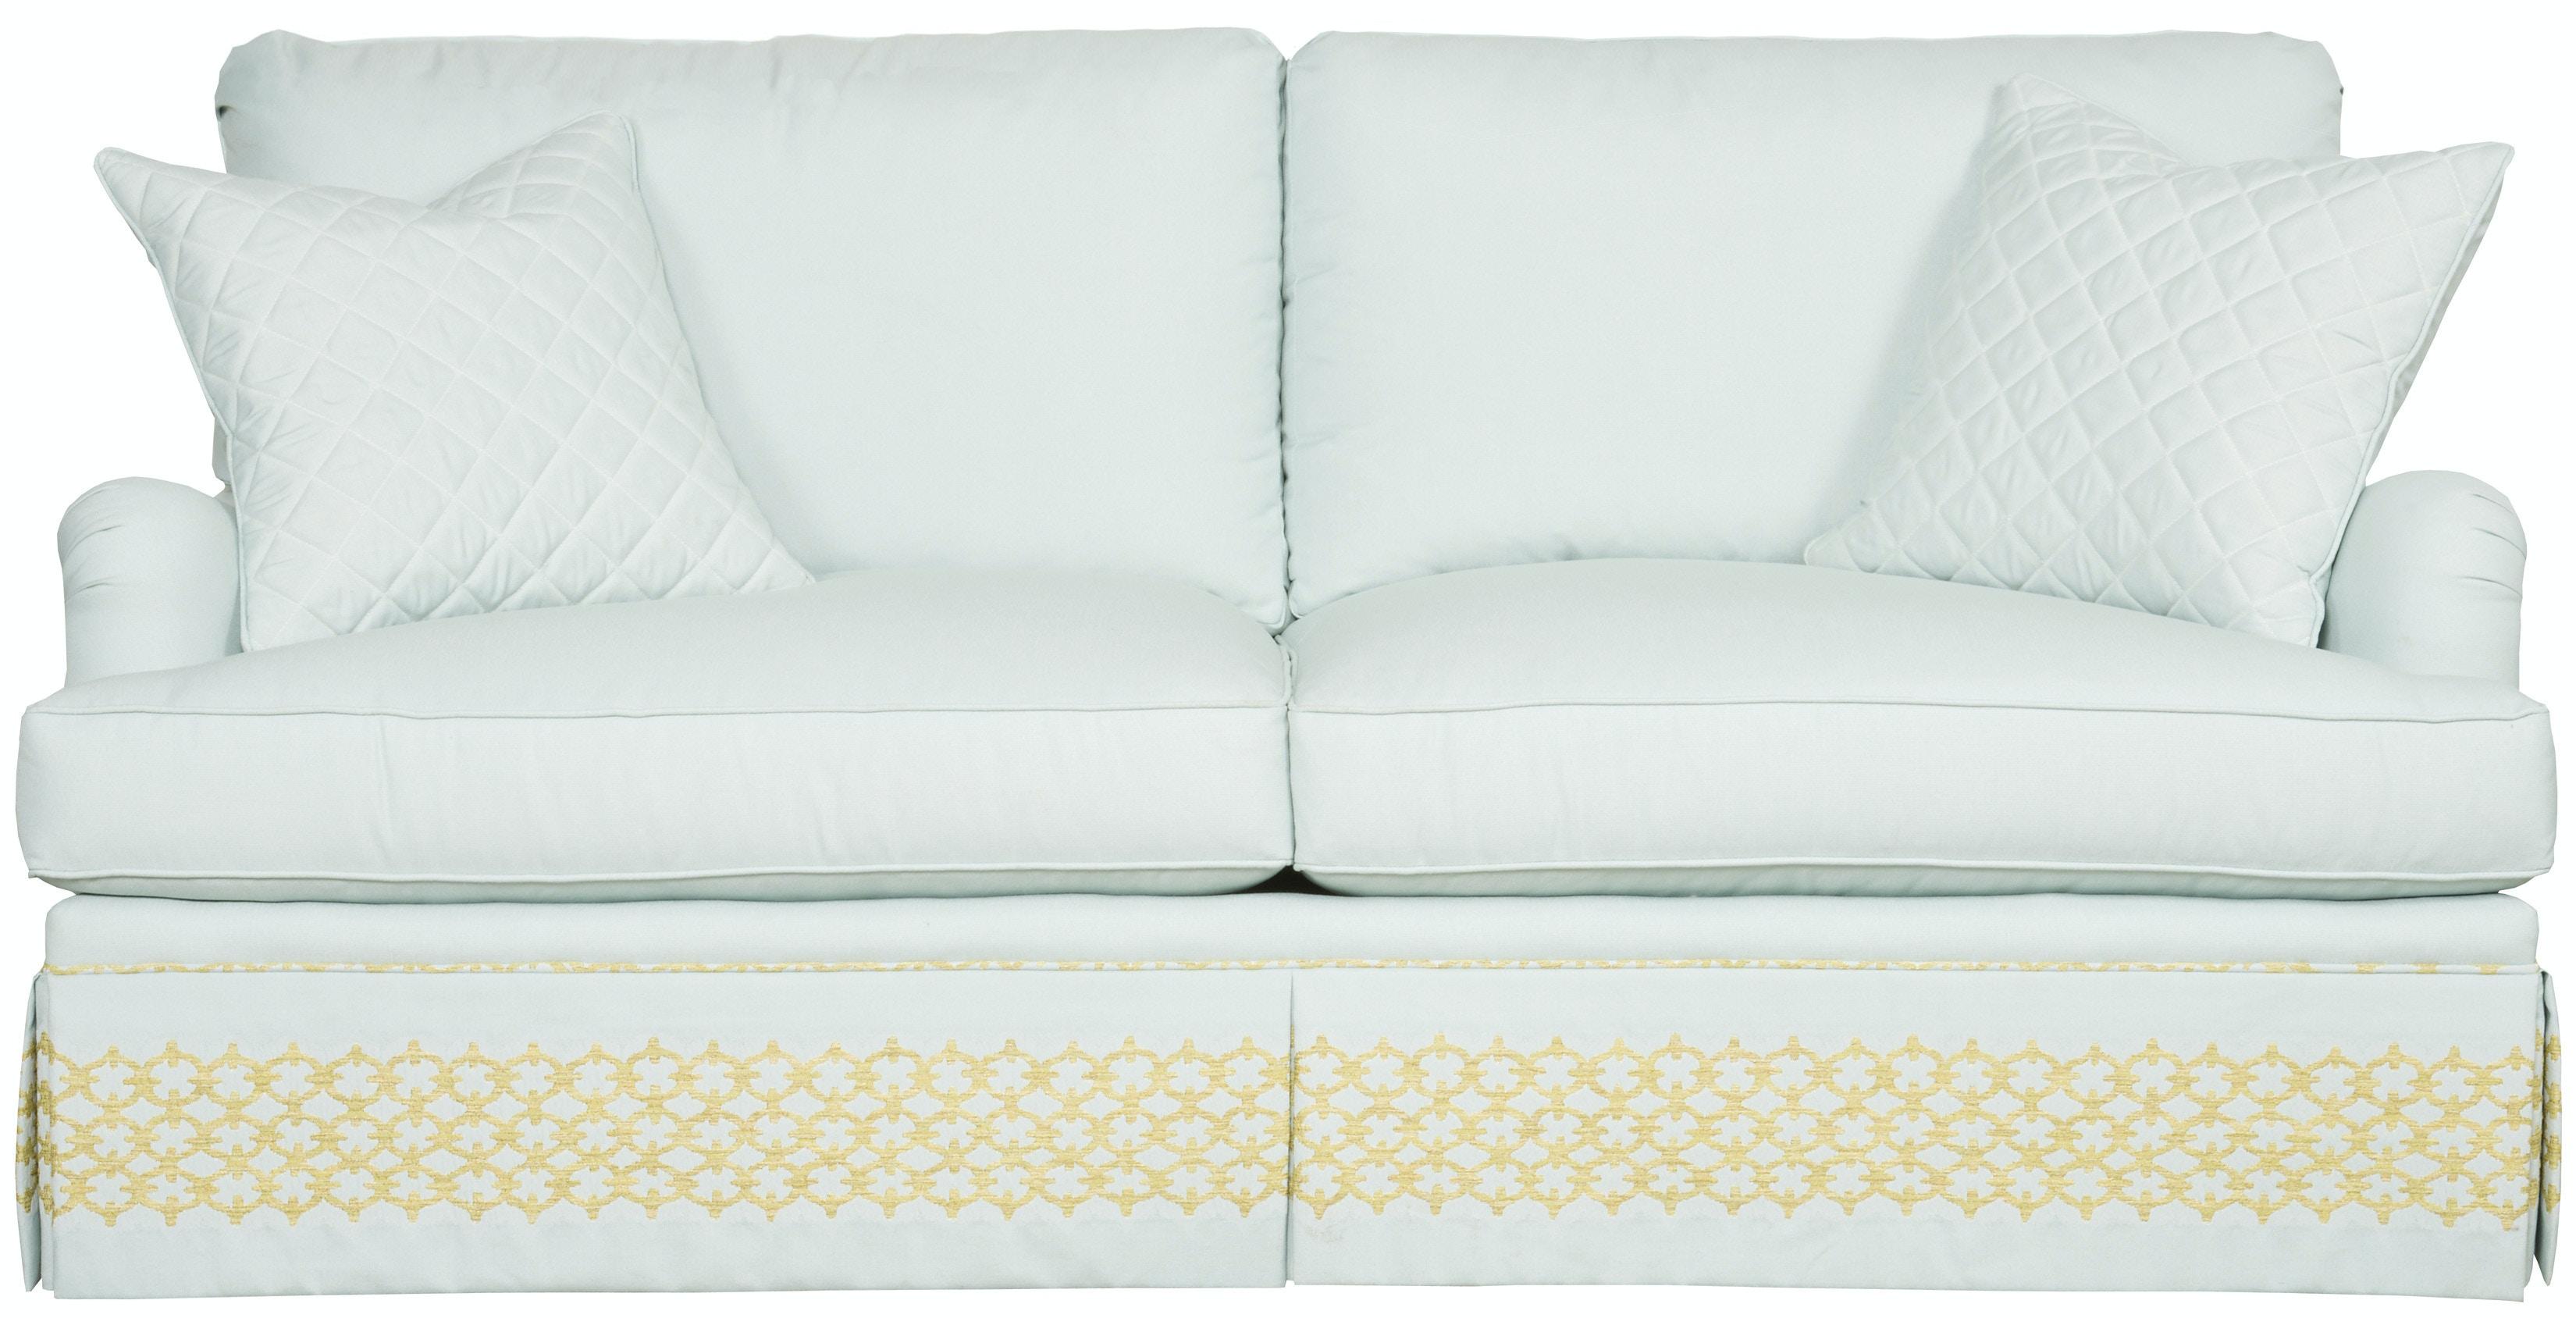 Vanguard Furniture Winslow Sofa V295D S